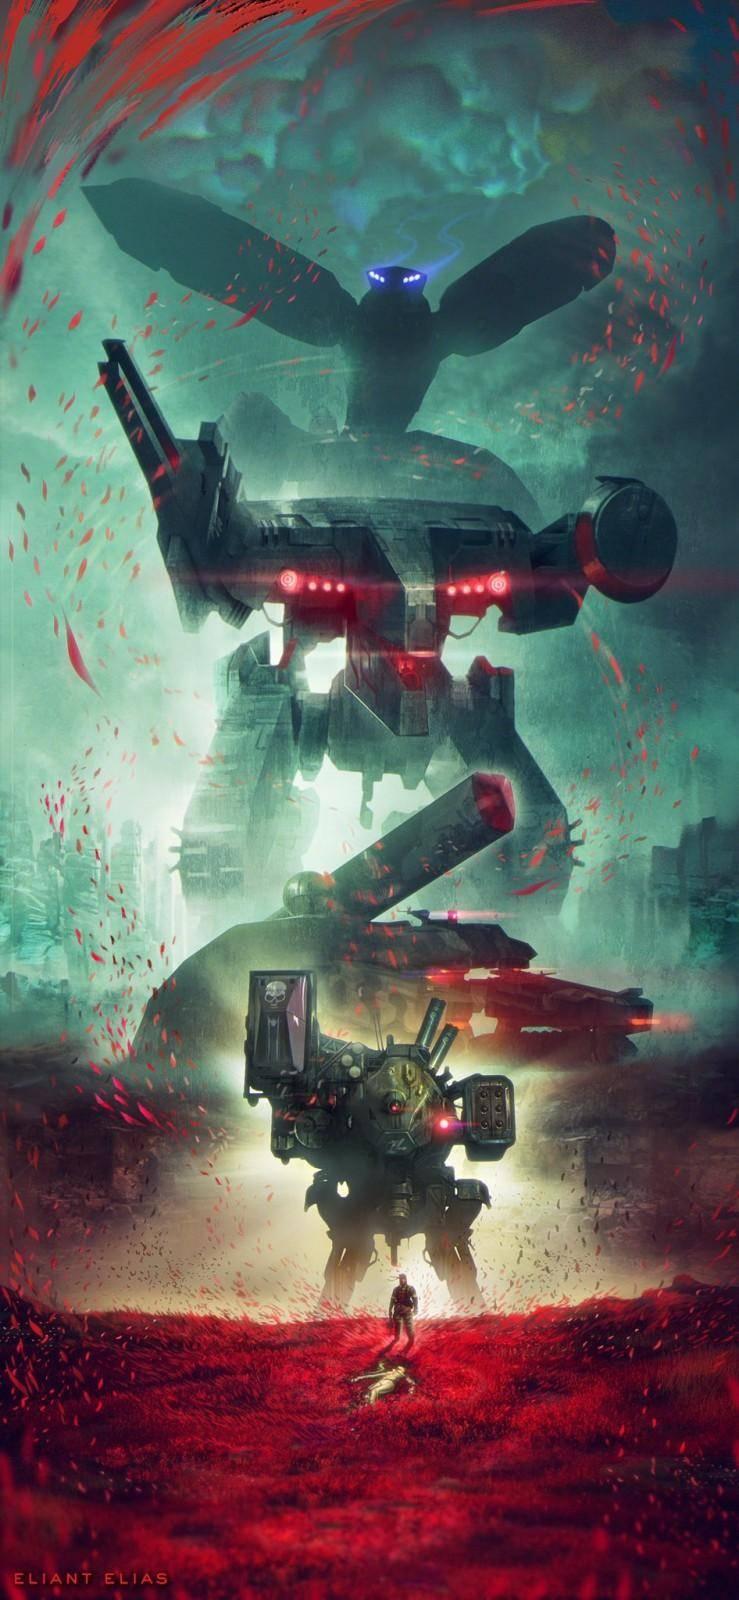 Metal Gear Solid, su director comparte nuevo arte conceptual del Live-Action 1